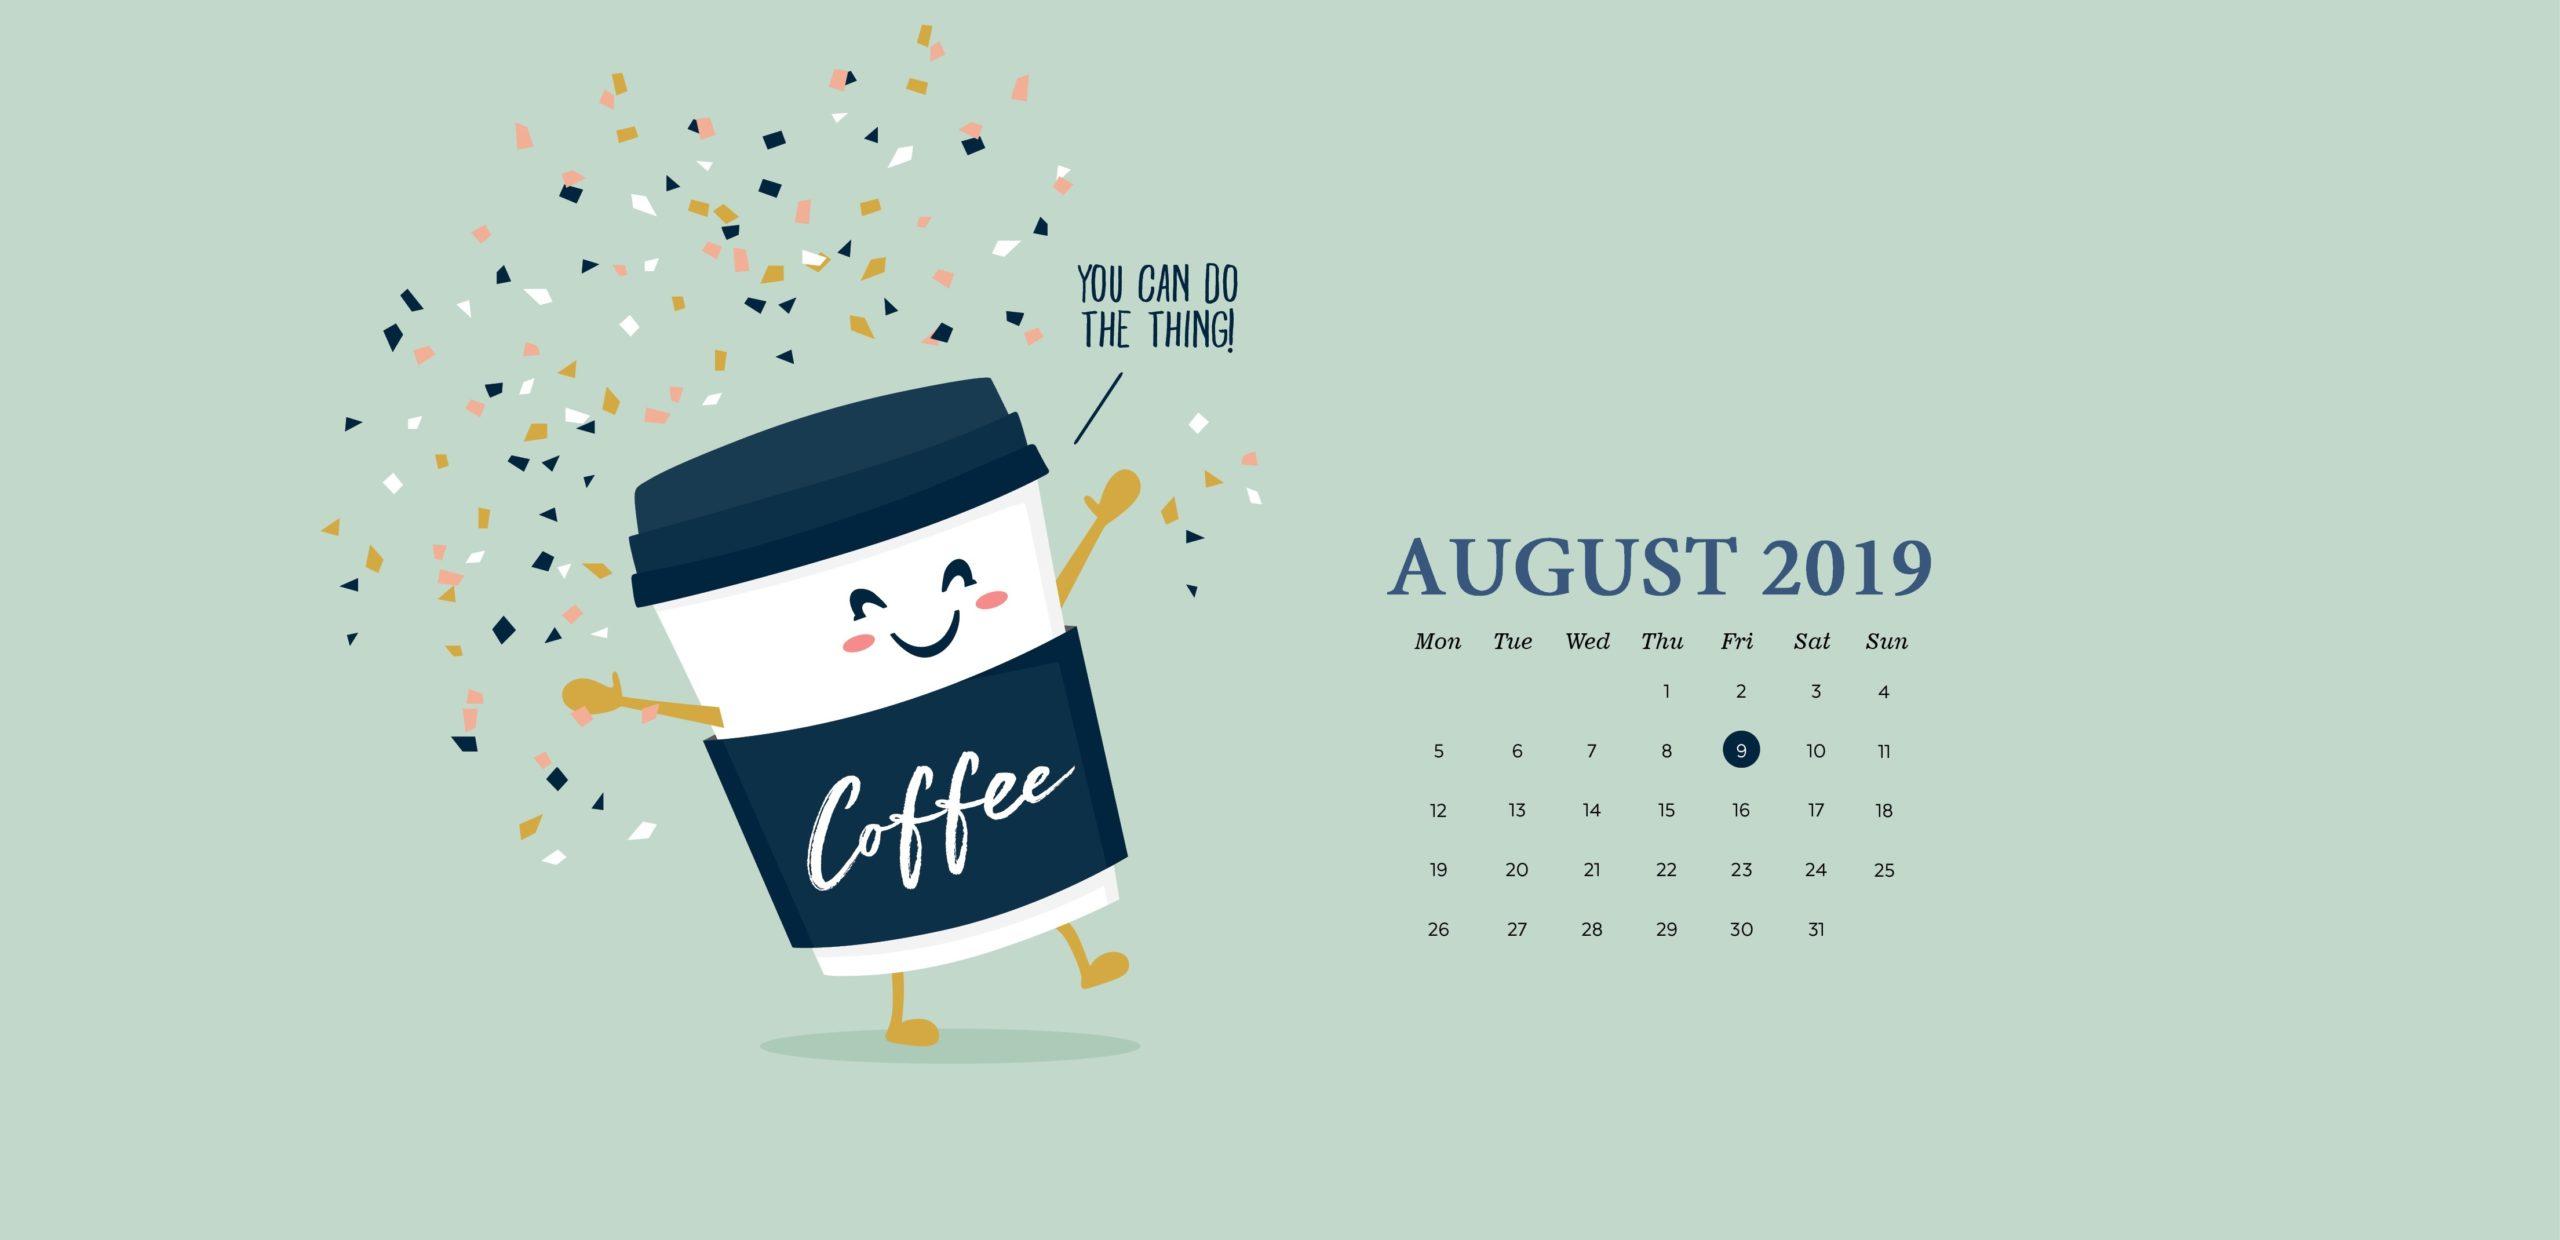 August 2019 Desktop Background Calendar